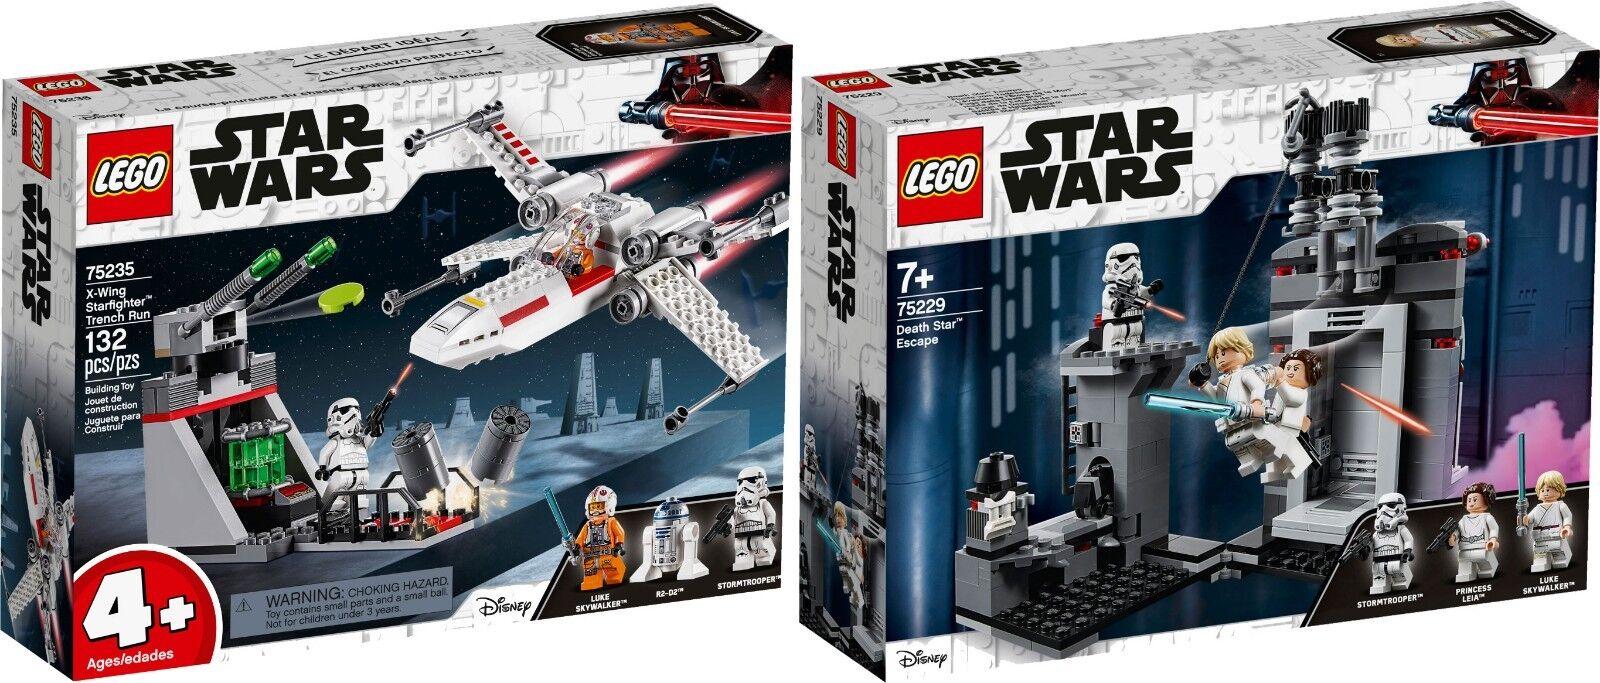 LEGO STAR WARS 75235 X-Wing Starfighter™ 75229 Flucht vom Todesstern™N1 19